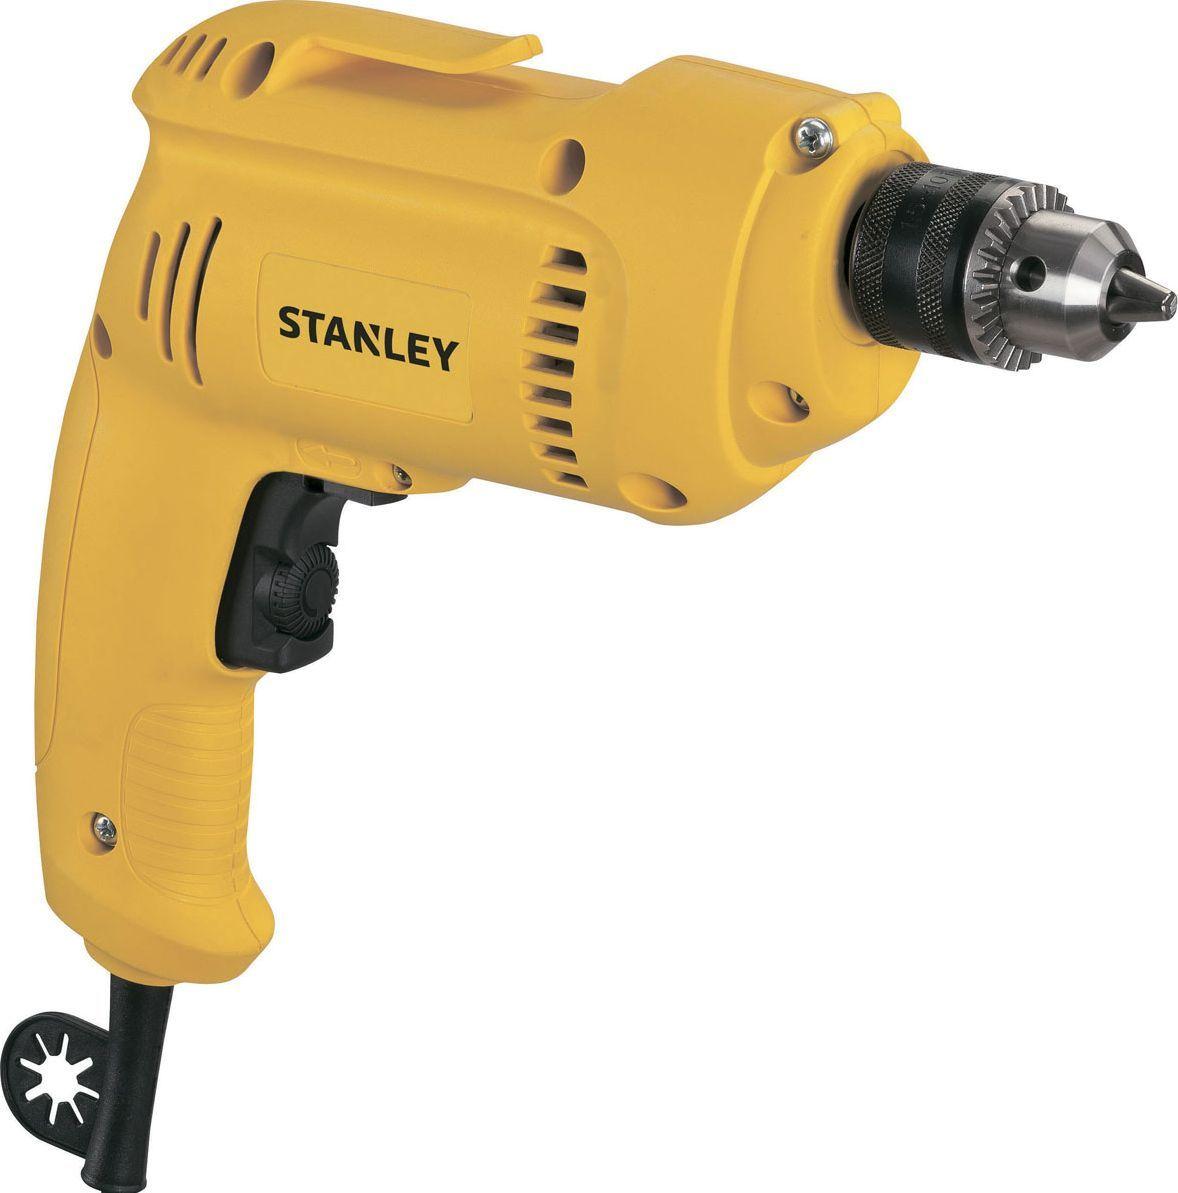 Дрель Stanley. STDR5510STDR5510Дрель Stanley снабжена надежным двигателем, что увеличивает ее рабочий ресурс. Ключевой патрон обеспечивает надежное крепление рабочей оснастки. С помощью специального фиксатора можно заблокировать пусковую клавишу, что исключает необходимость постоянно держать на ней палец. Для удобства выведения застрявшего в материале сверла дрель имеет функцию реверса.